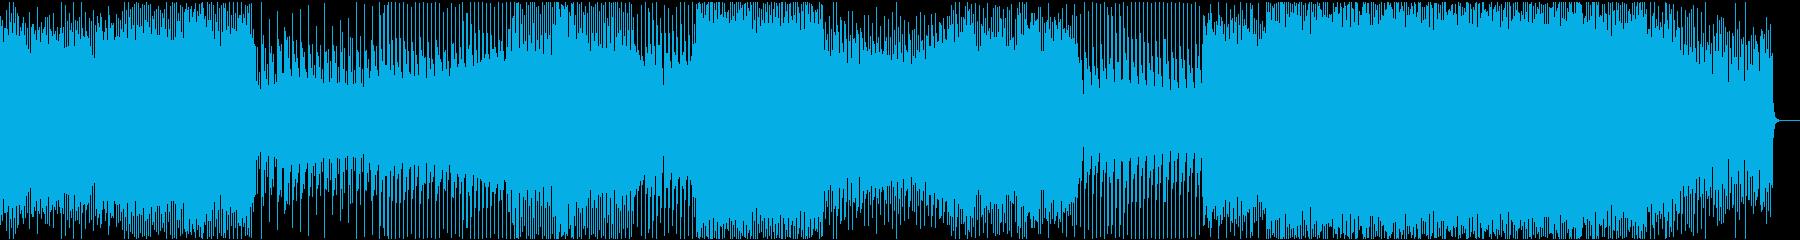 ソフトでほのぼのとしたEDMなBGMの再生済みの波形